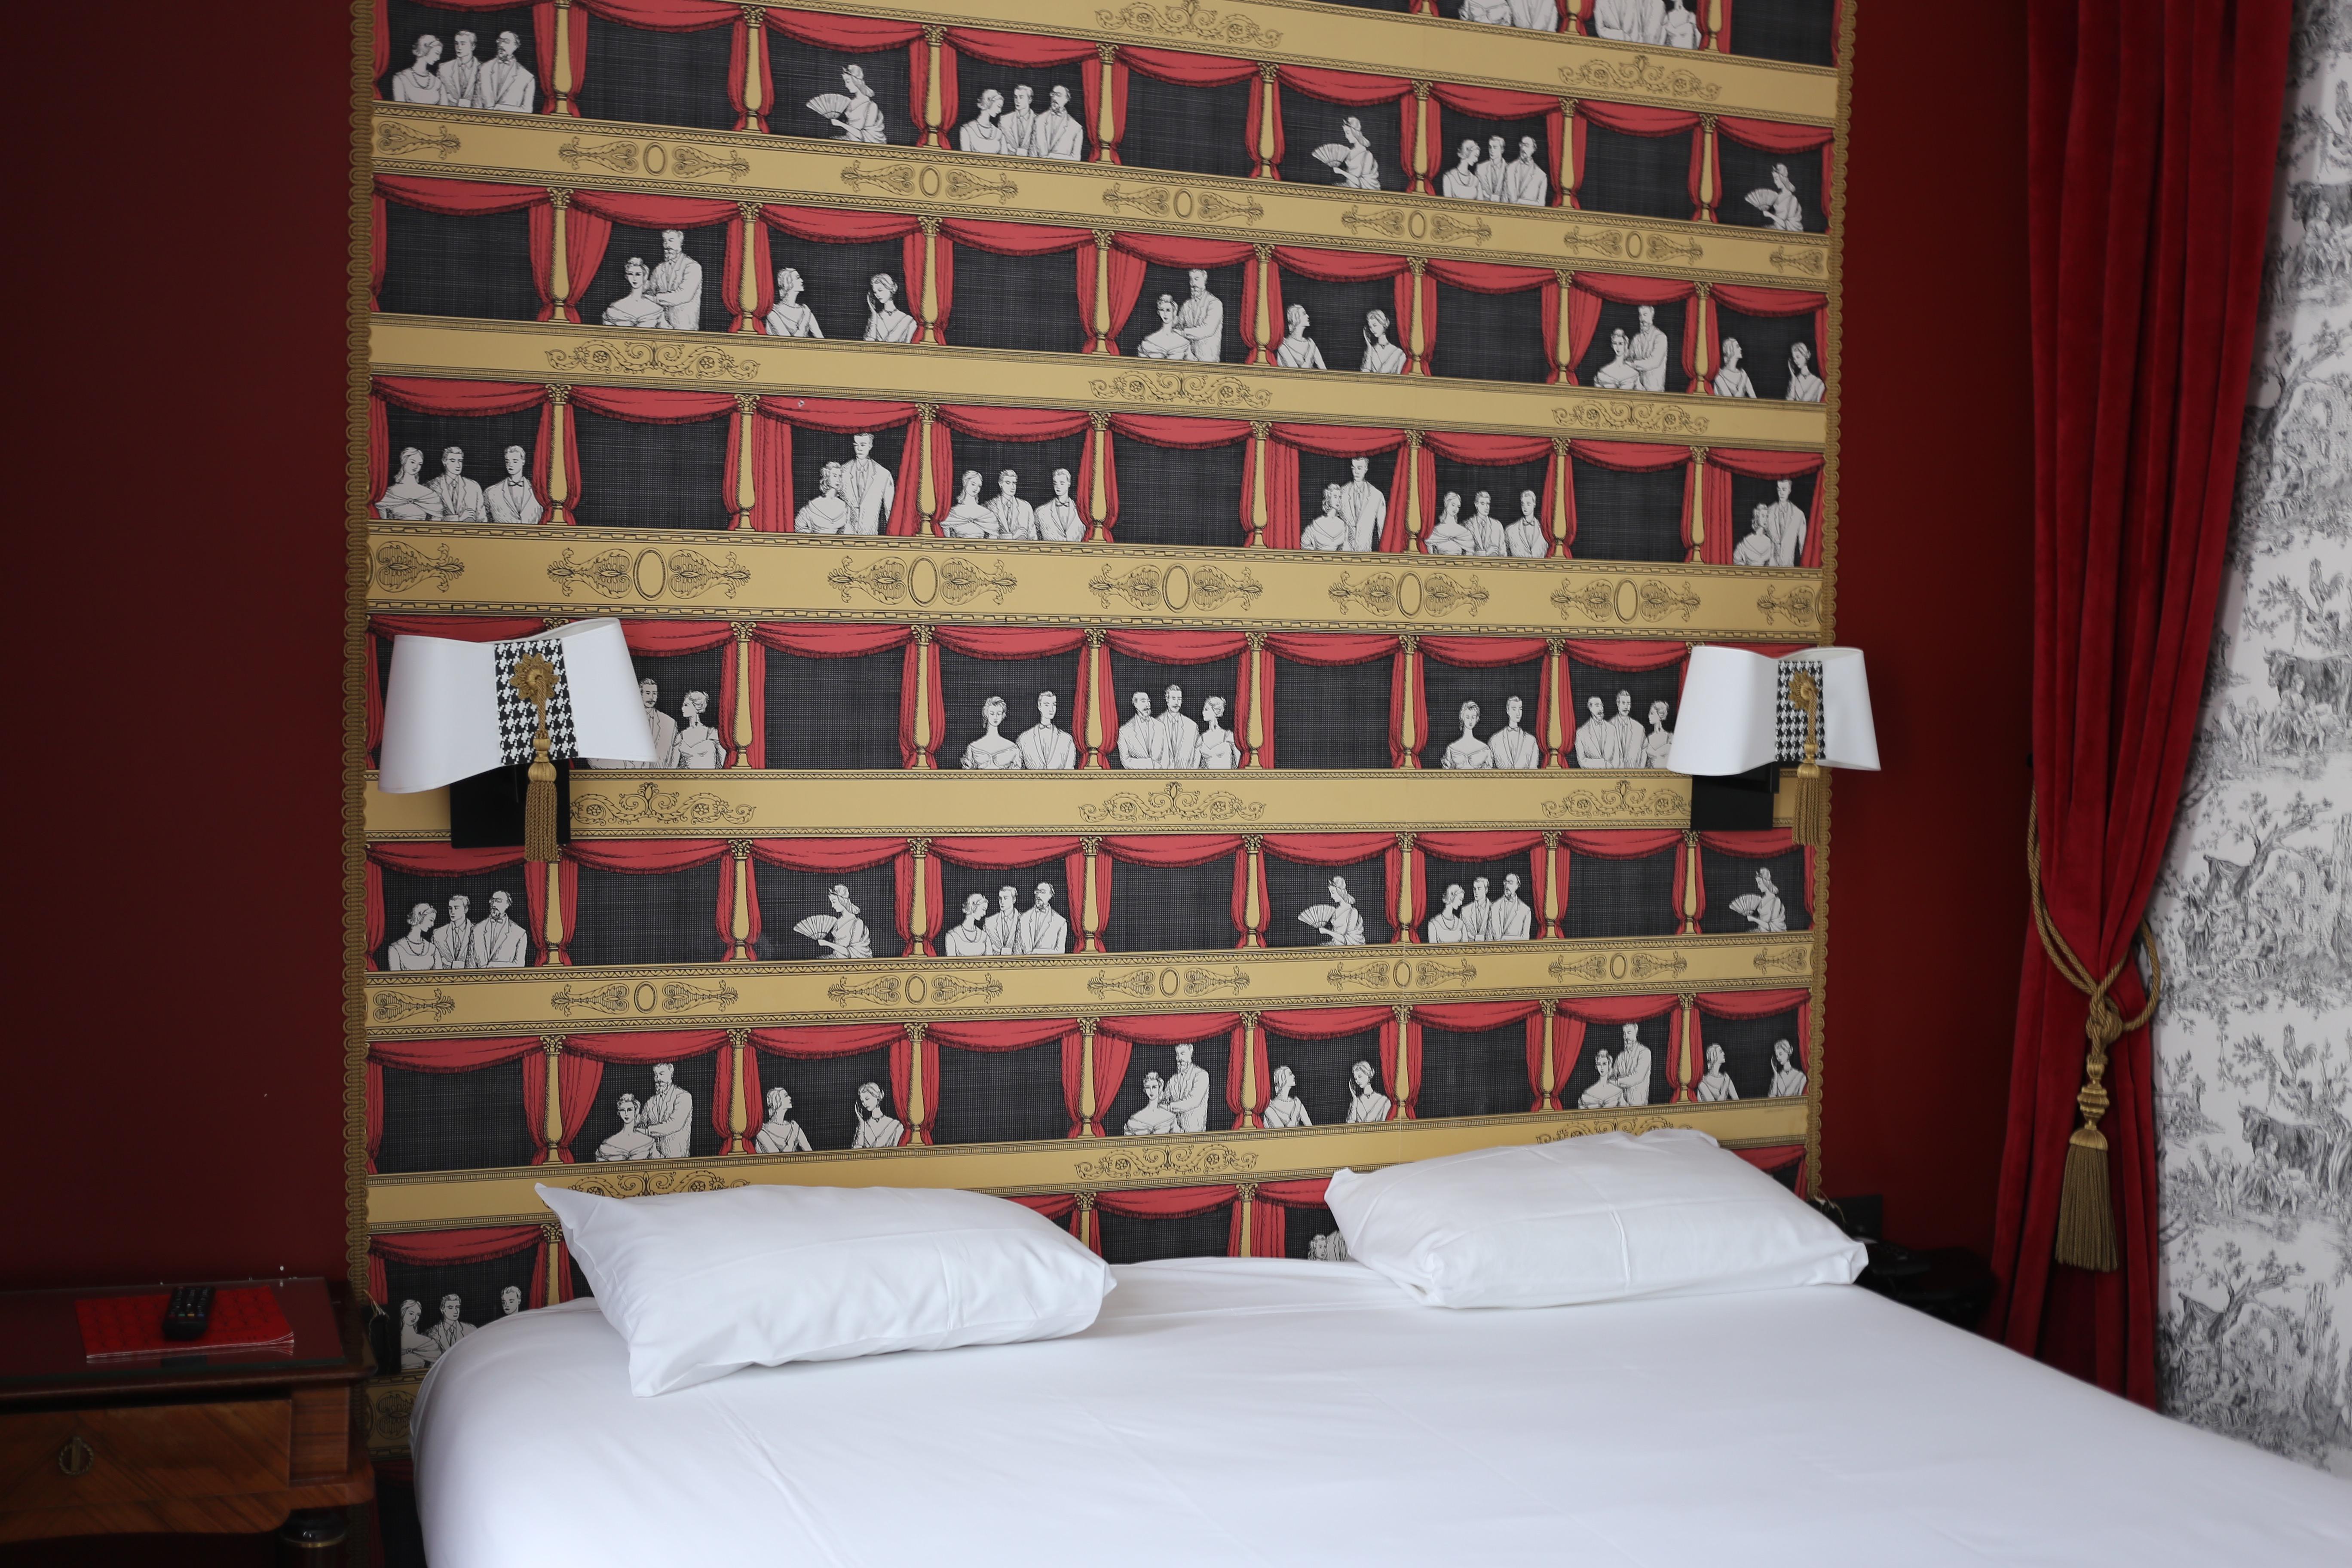 hotel-empfehlung-wochenende-in-paris-reiseblogger-tipps-reiseübelkeit-reisen-frankreich